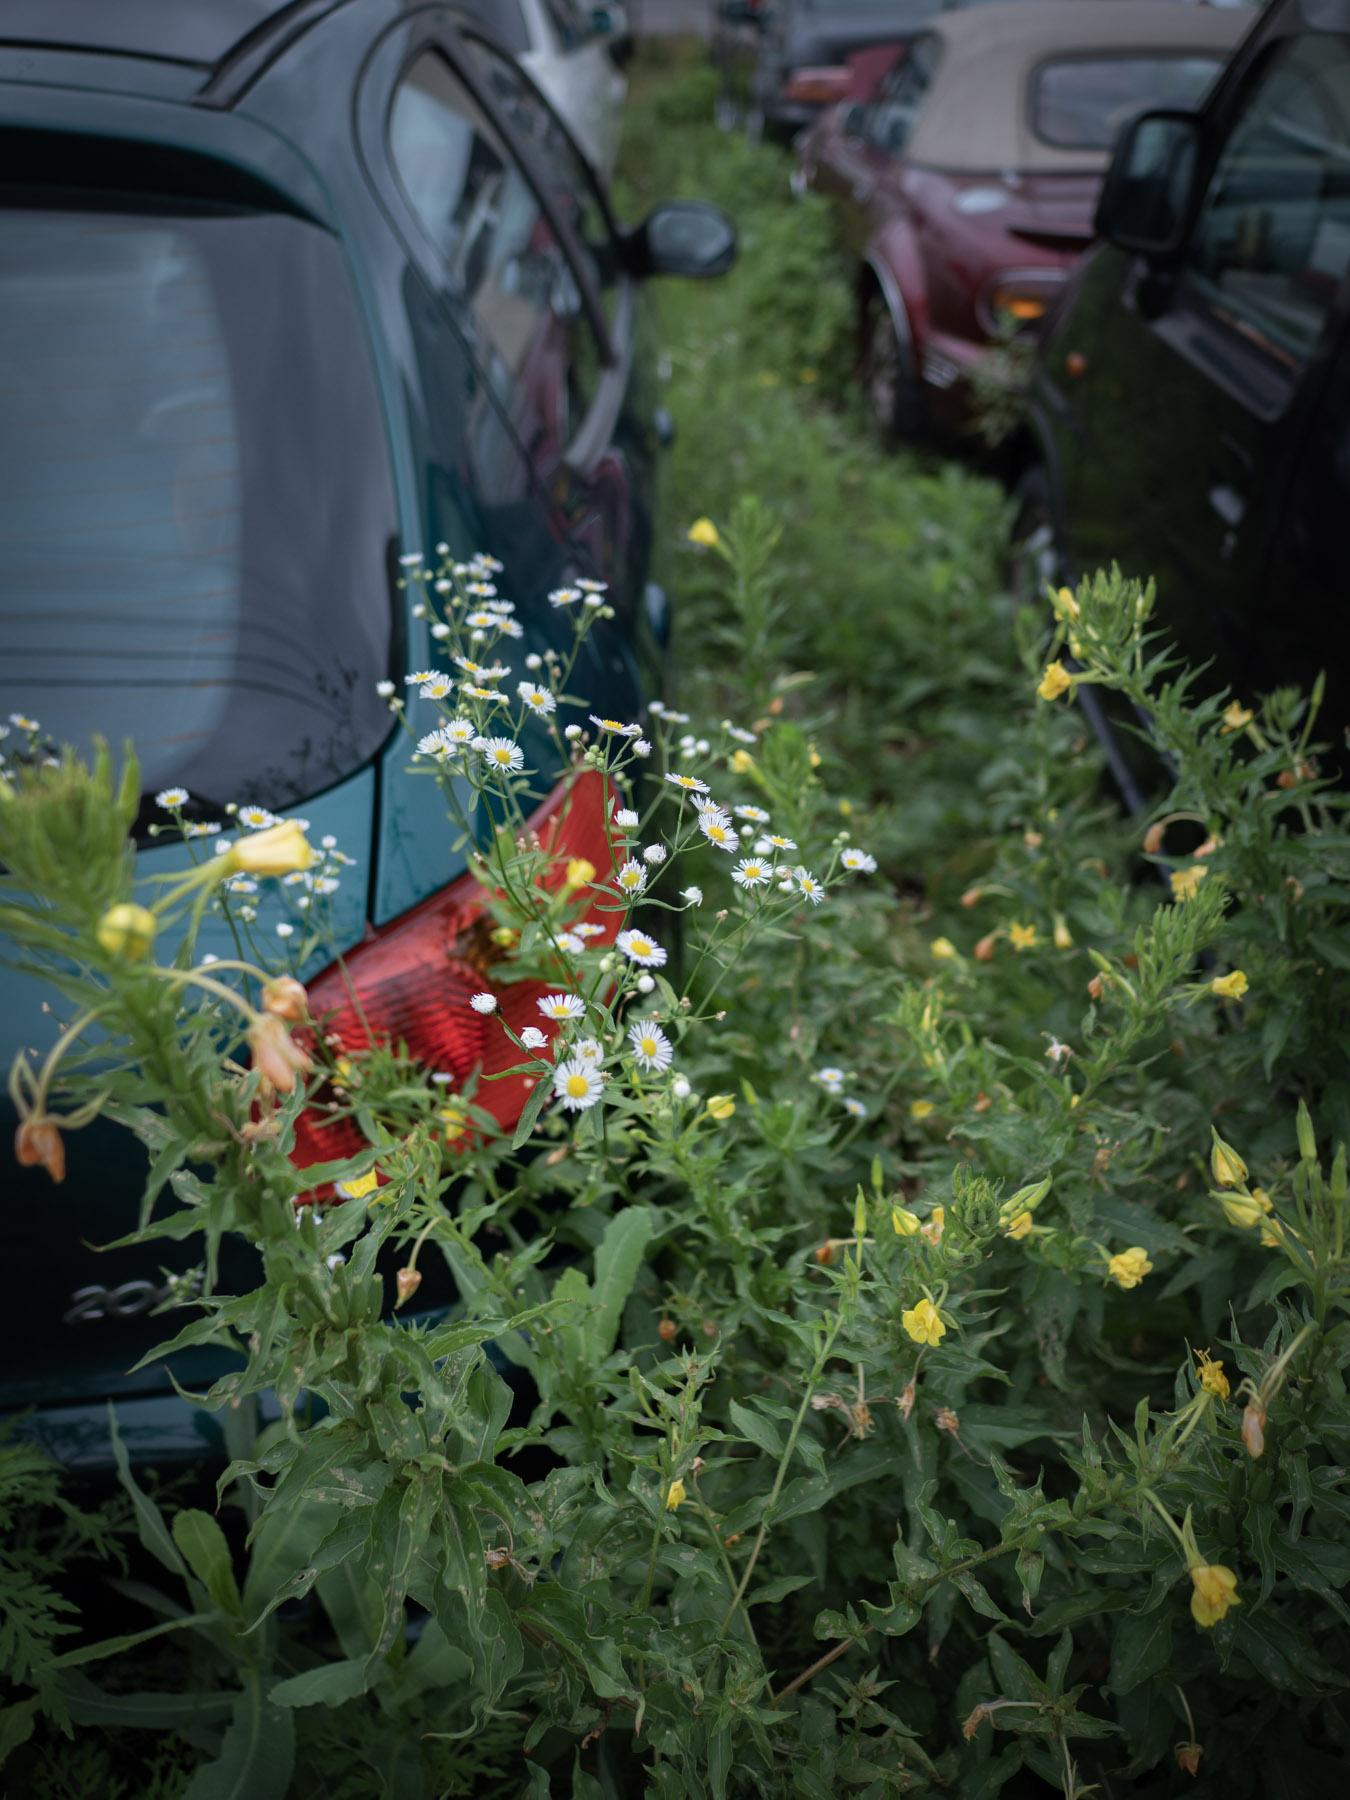 廃車と廃車の間に生い茂る雑草と白い花